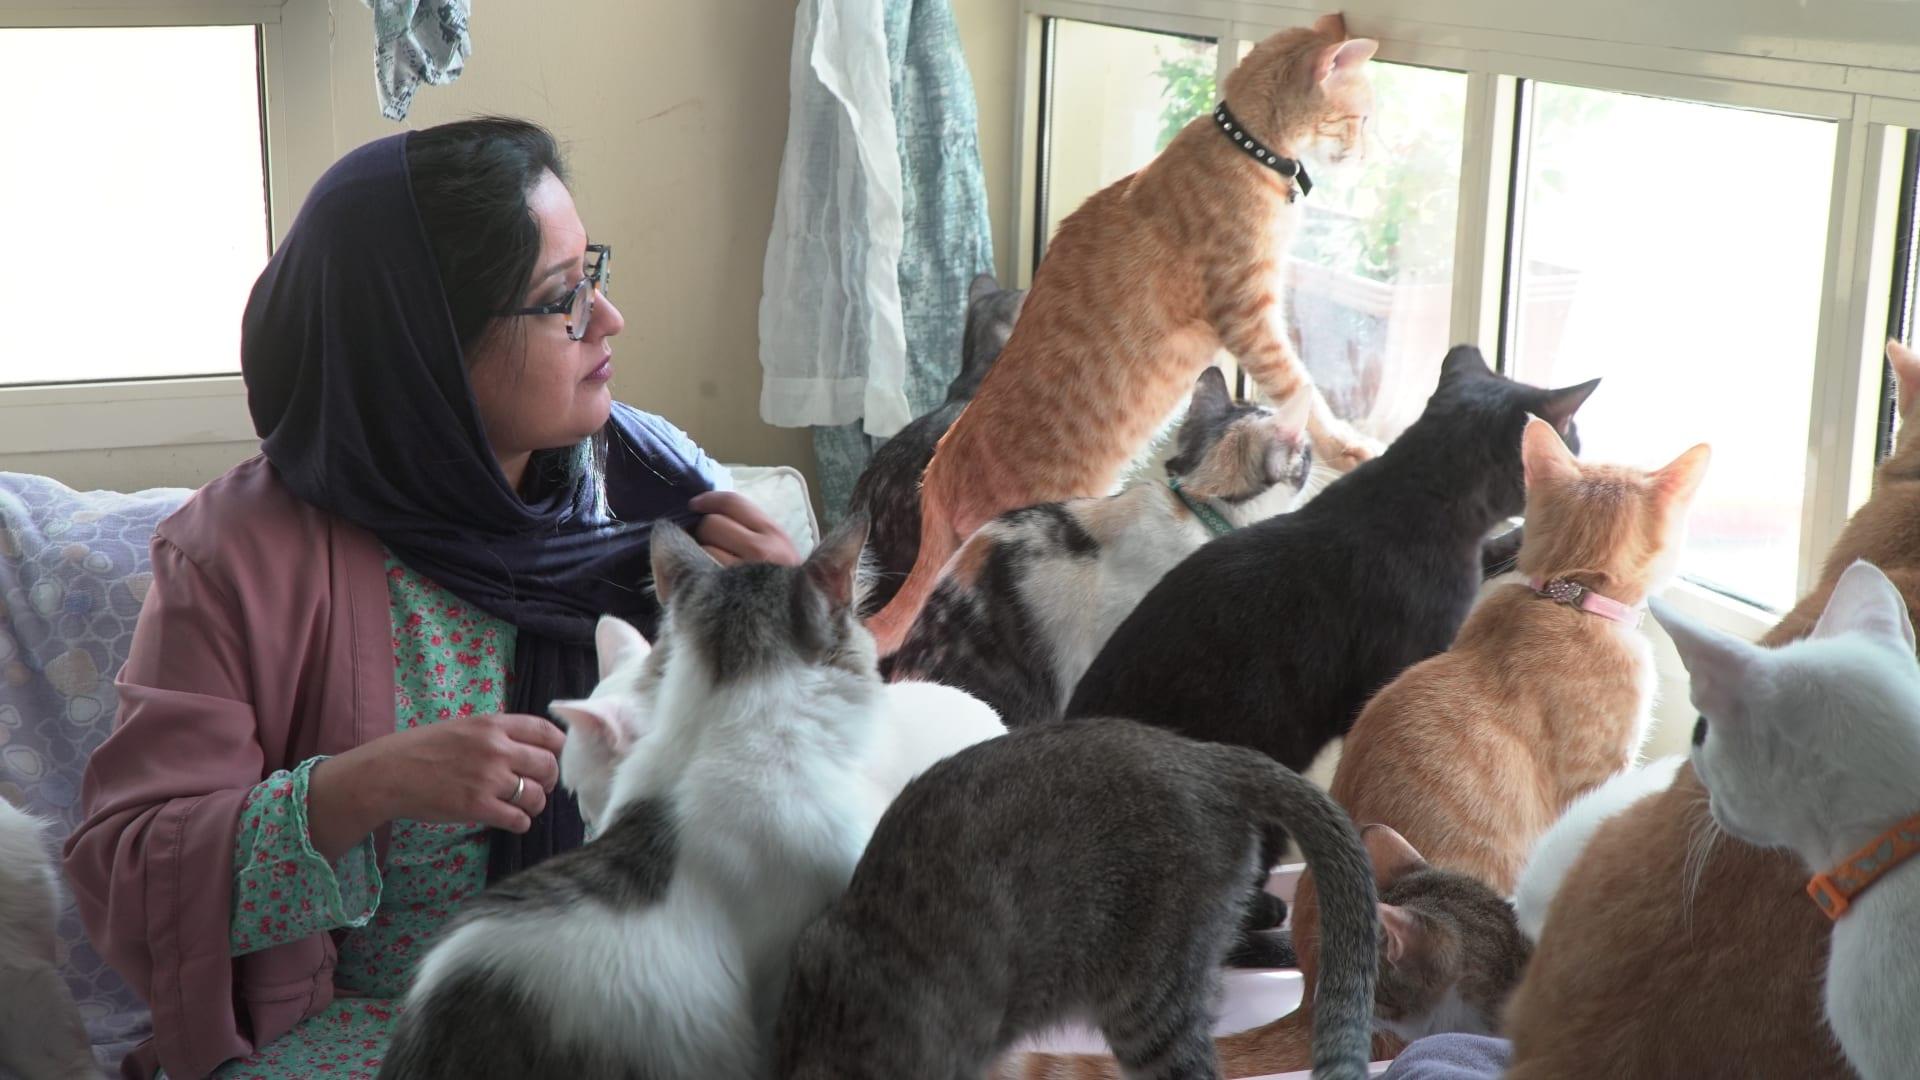 رغم إصابتها بالحساسية.. إماراتية تجد هدف حياتها عبر اعتنائها بـ100 قطة